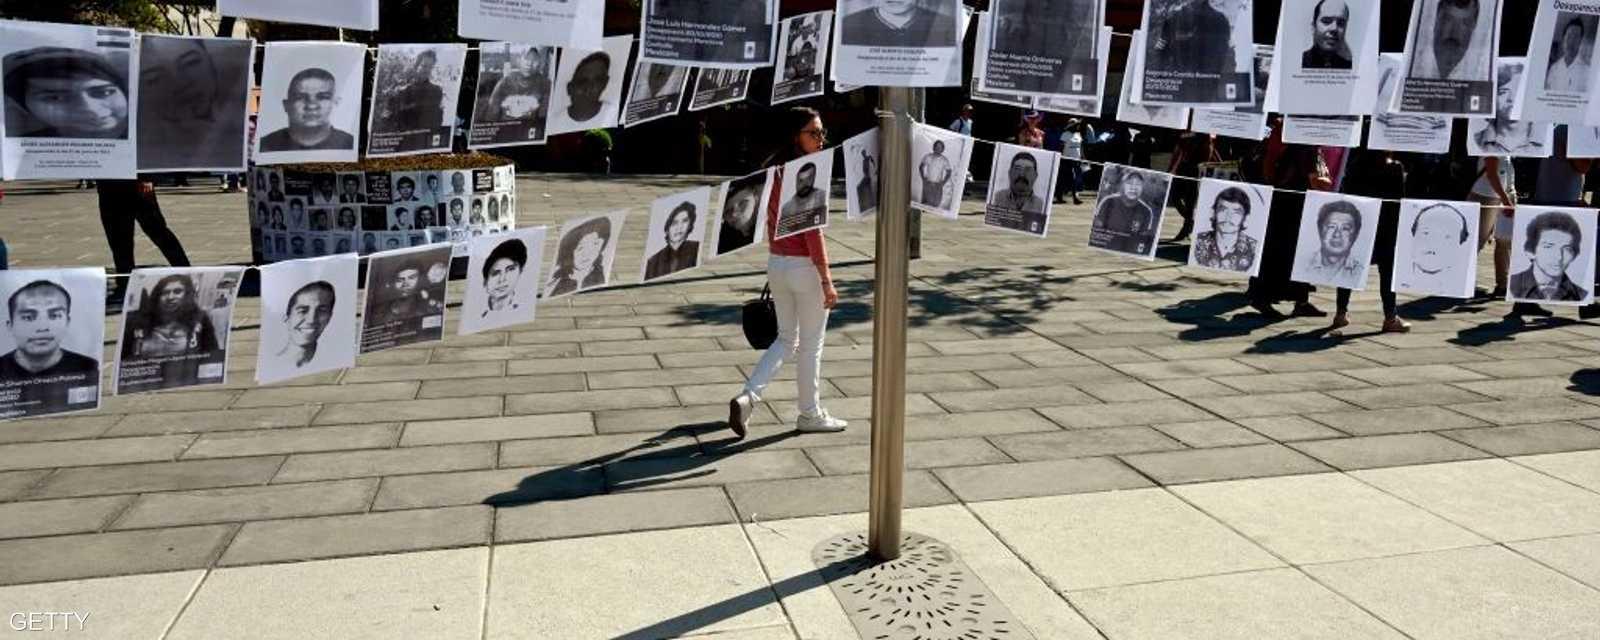 آلاف الأمهات المكسيكيات يطالب بالعثور على أبنائهن أو جثثهم